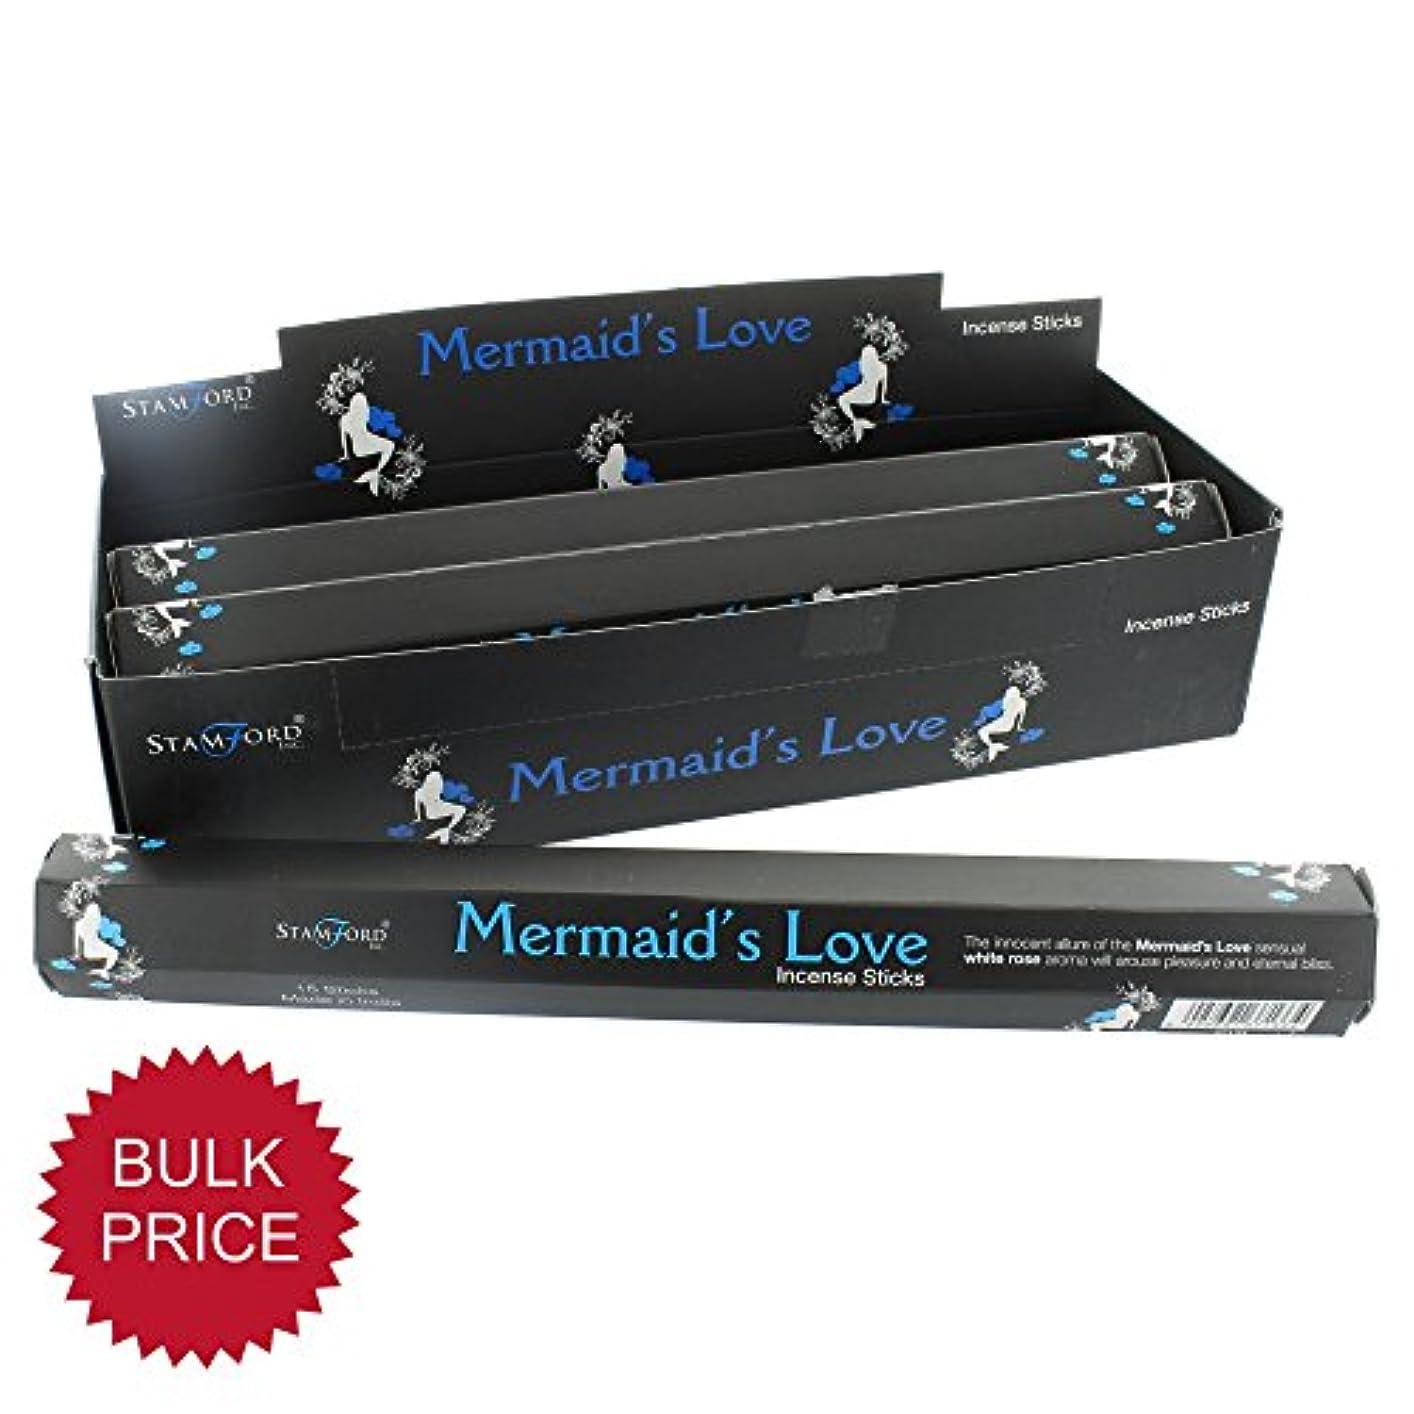 消費者叫び声デッド37133 Mermaid 's Love StamfordブラックIncense Sticks